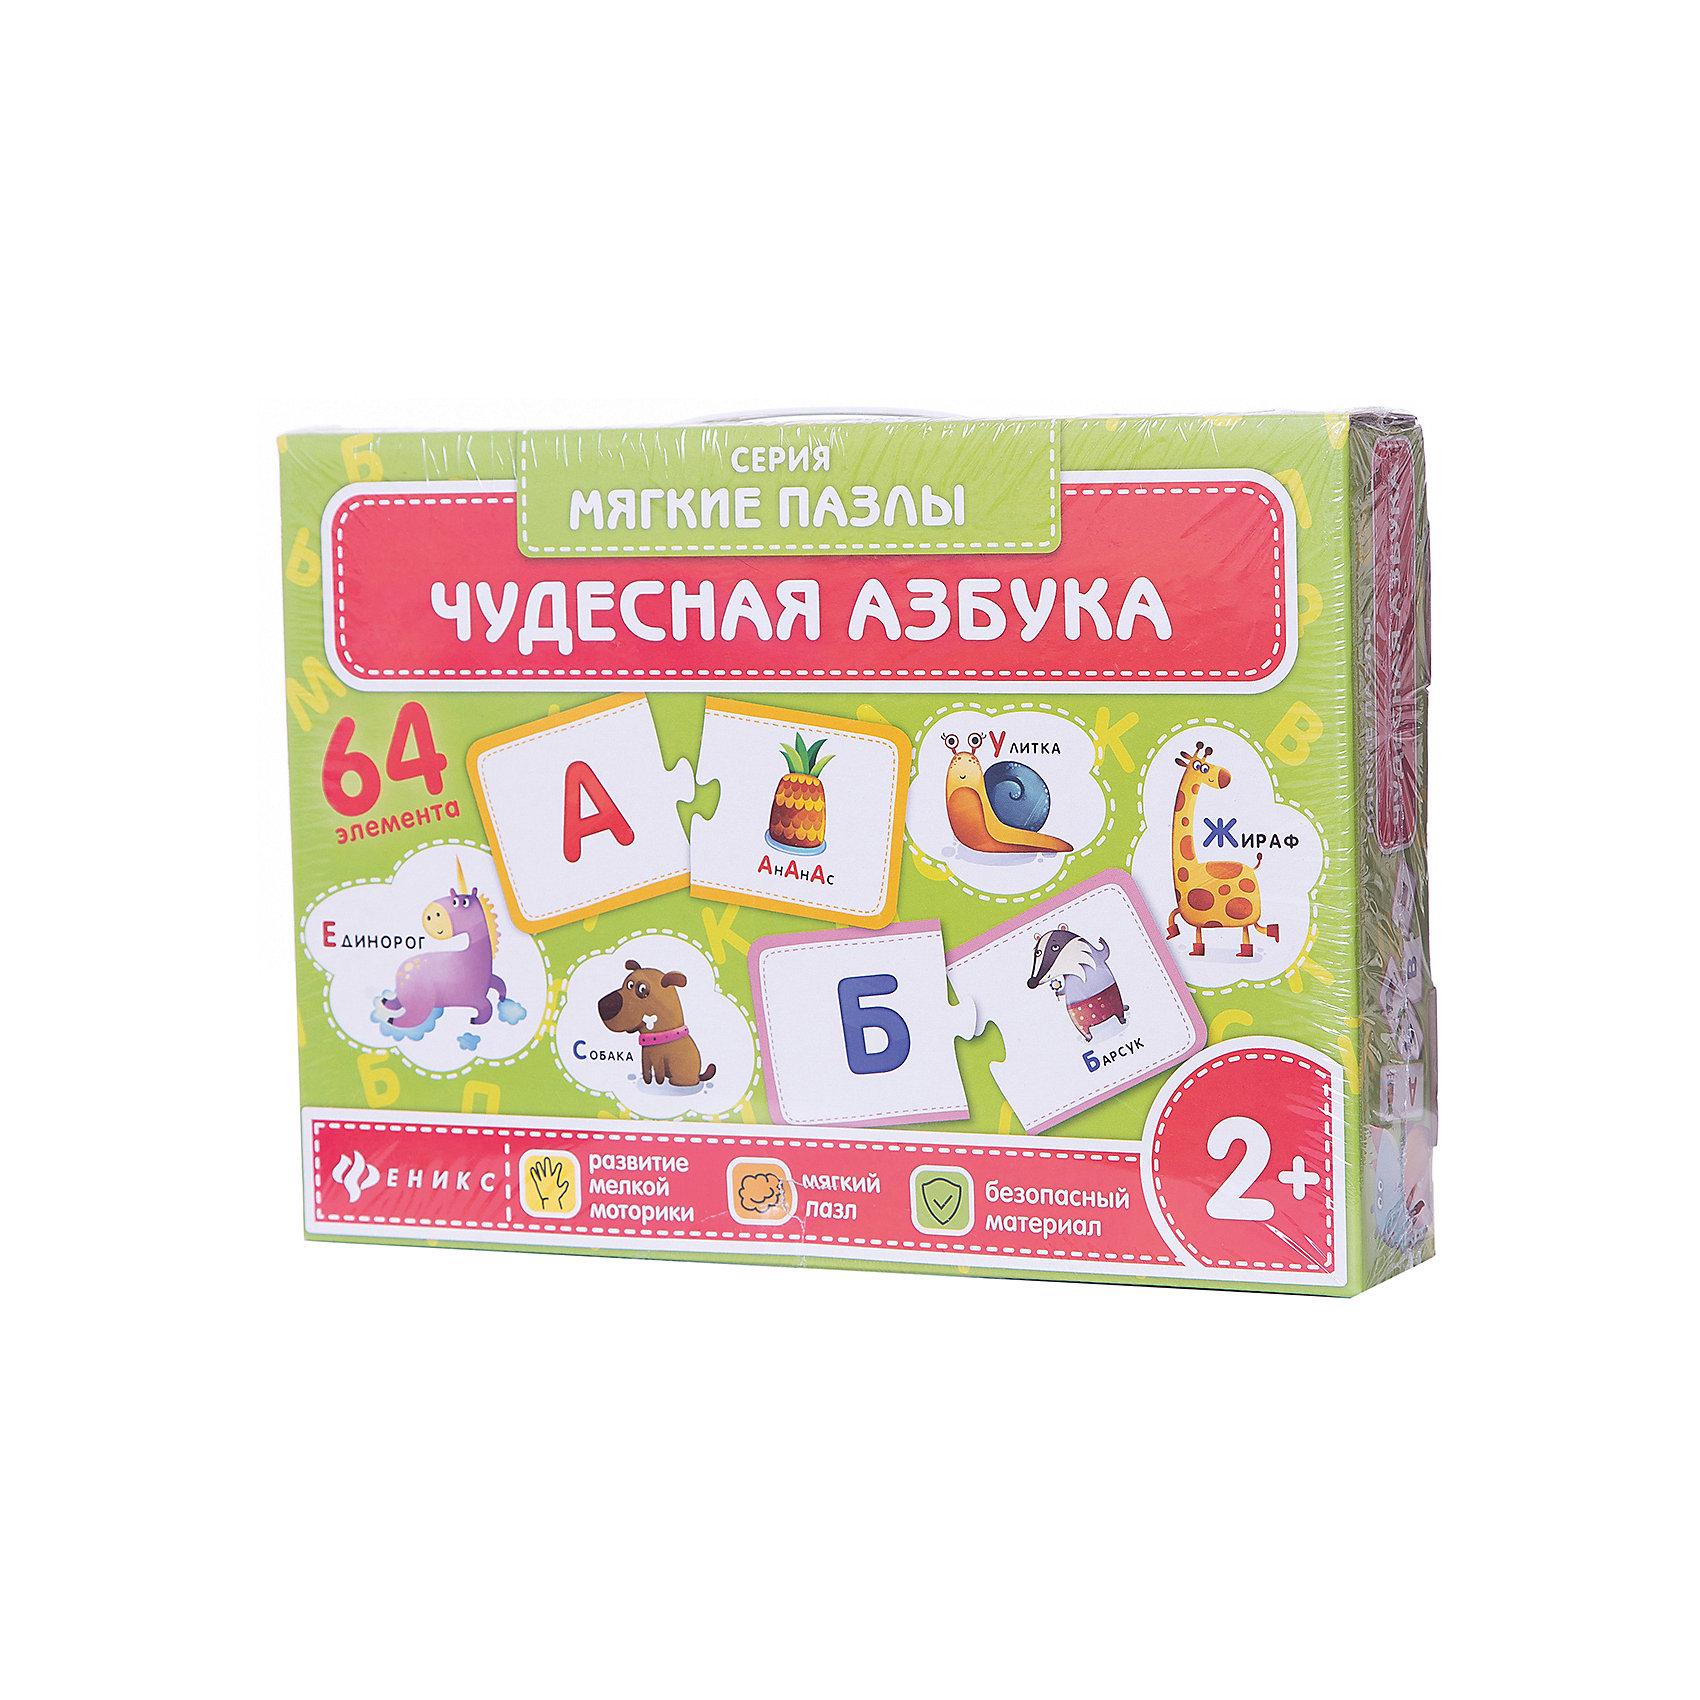 Чудесная азбука: развивающая игра-пазлАзбуки<br>Развивающая игра-пазл «Чудесная азбука» поможет вам превратить изучение букв в увлекательную игру. Играйте и учитесь одновременно!<br>«Чудесная азбука» представляет собой набор из 32 пар карточек, которые соединяются между собой как пазлы: на одной карточке изображена буква, а на второй - предмет или животное, название которого начинается на эту букву.<br>Проговаривайте вслух буквы и слова, когда складываете пазлы, чтобы ребенок запоминал их и на слух, и зрительно. Части пазла с картинками подписаны, поэтому по ним можно учиться читать.<br>Развивающая игра-пазл «Чудесная азбука» способствует развитию логического мышления, памяти и внимания. Для развития логики необходимо ежедневное повторение пройденного материала, поэтому мы рекомендуем заниматься с этим набором регулярно.<br>Также набор можно использовать как веселую игру. Карточки раскладываются на столе картинками вниз. Игроки по очереди переворачивают по две карточки таким образом, чтобы все могли видеть изображенные на них картинки. Если игрок находит парные карточки, то забирает пару себе. Он может продолжать игру до тех пор, пока находит совпадения. Если картинки на карточках не подходят друг другу, то игрок кладет карточки обратно картинками вниз и передает ход следующему участнику. Выигрывает игрок, который к концу раунда наберет большее количество парных карточек.<br><br>Ширина мм: 320<br>Глубина мм: 230<br>Высота мм: 60<br>Вес г: 440<br>Возраст от месяцев: 48<br>Возраст до месяцев: 72<br>Пол: Унисекс<br>Возраст: Детский<br>SKU: 5480323